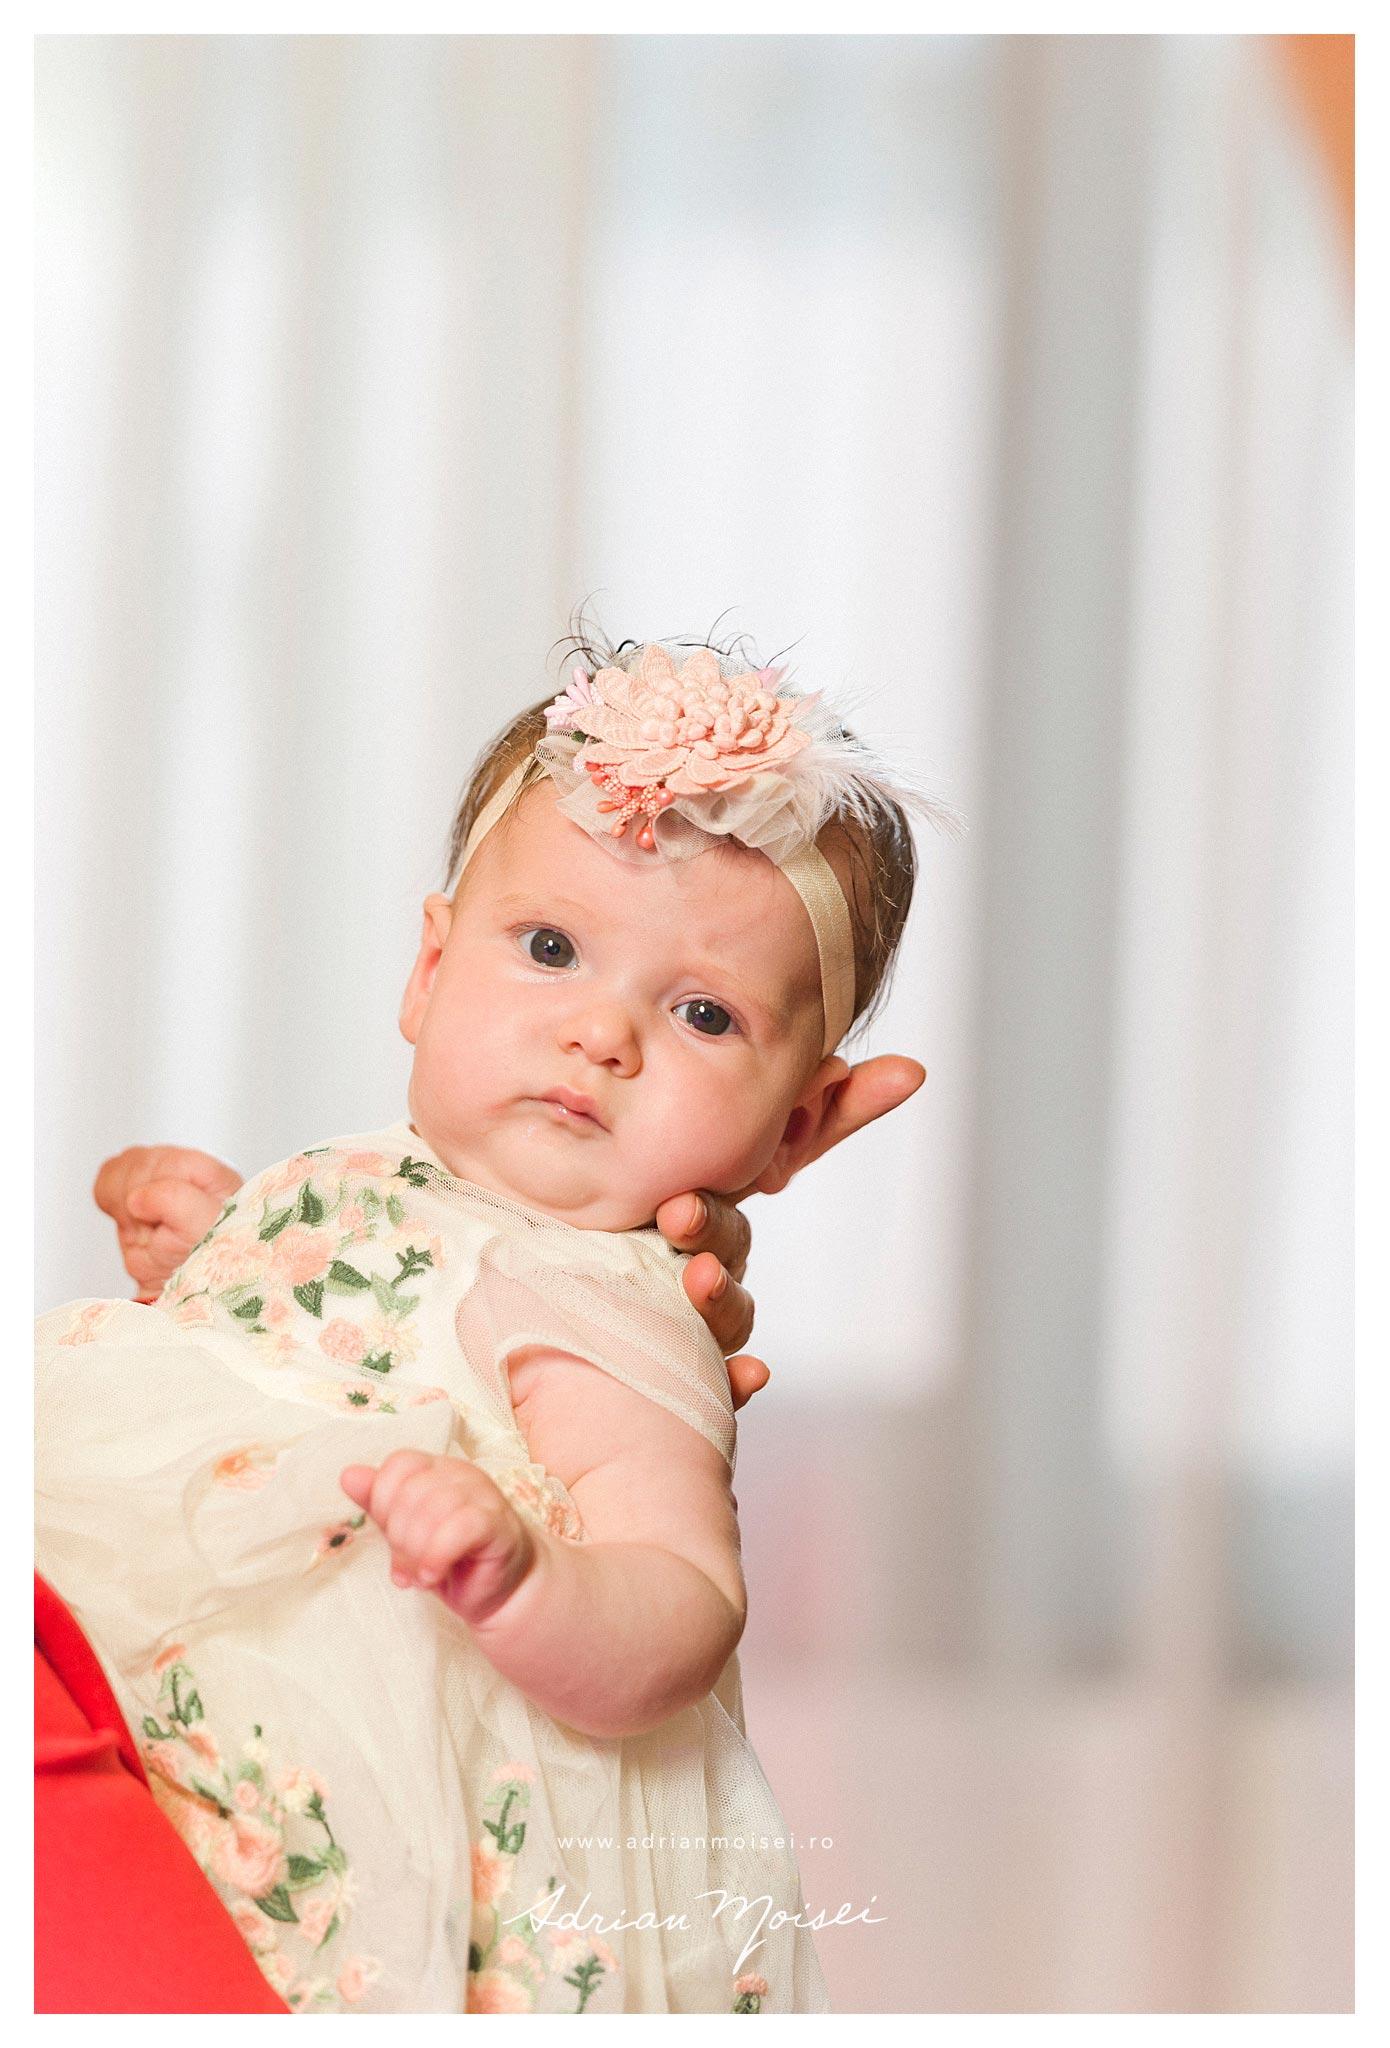 Bebelus in bratele matusii, fotografie de portret Iasi, la petrecerea de cumatrie, Adrian Moisei